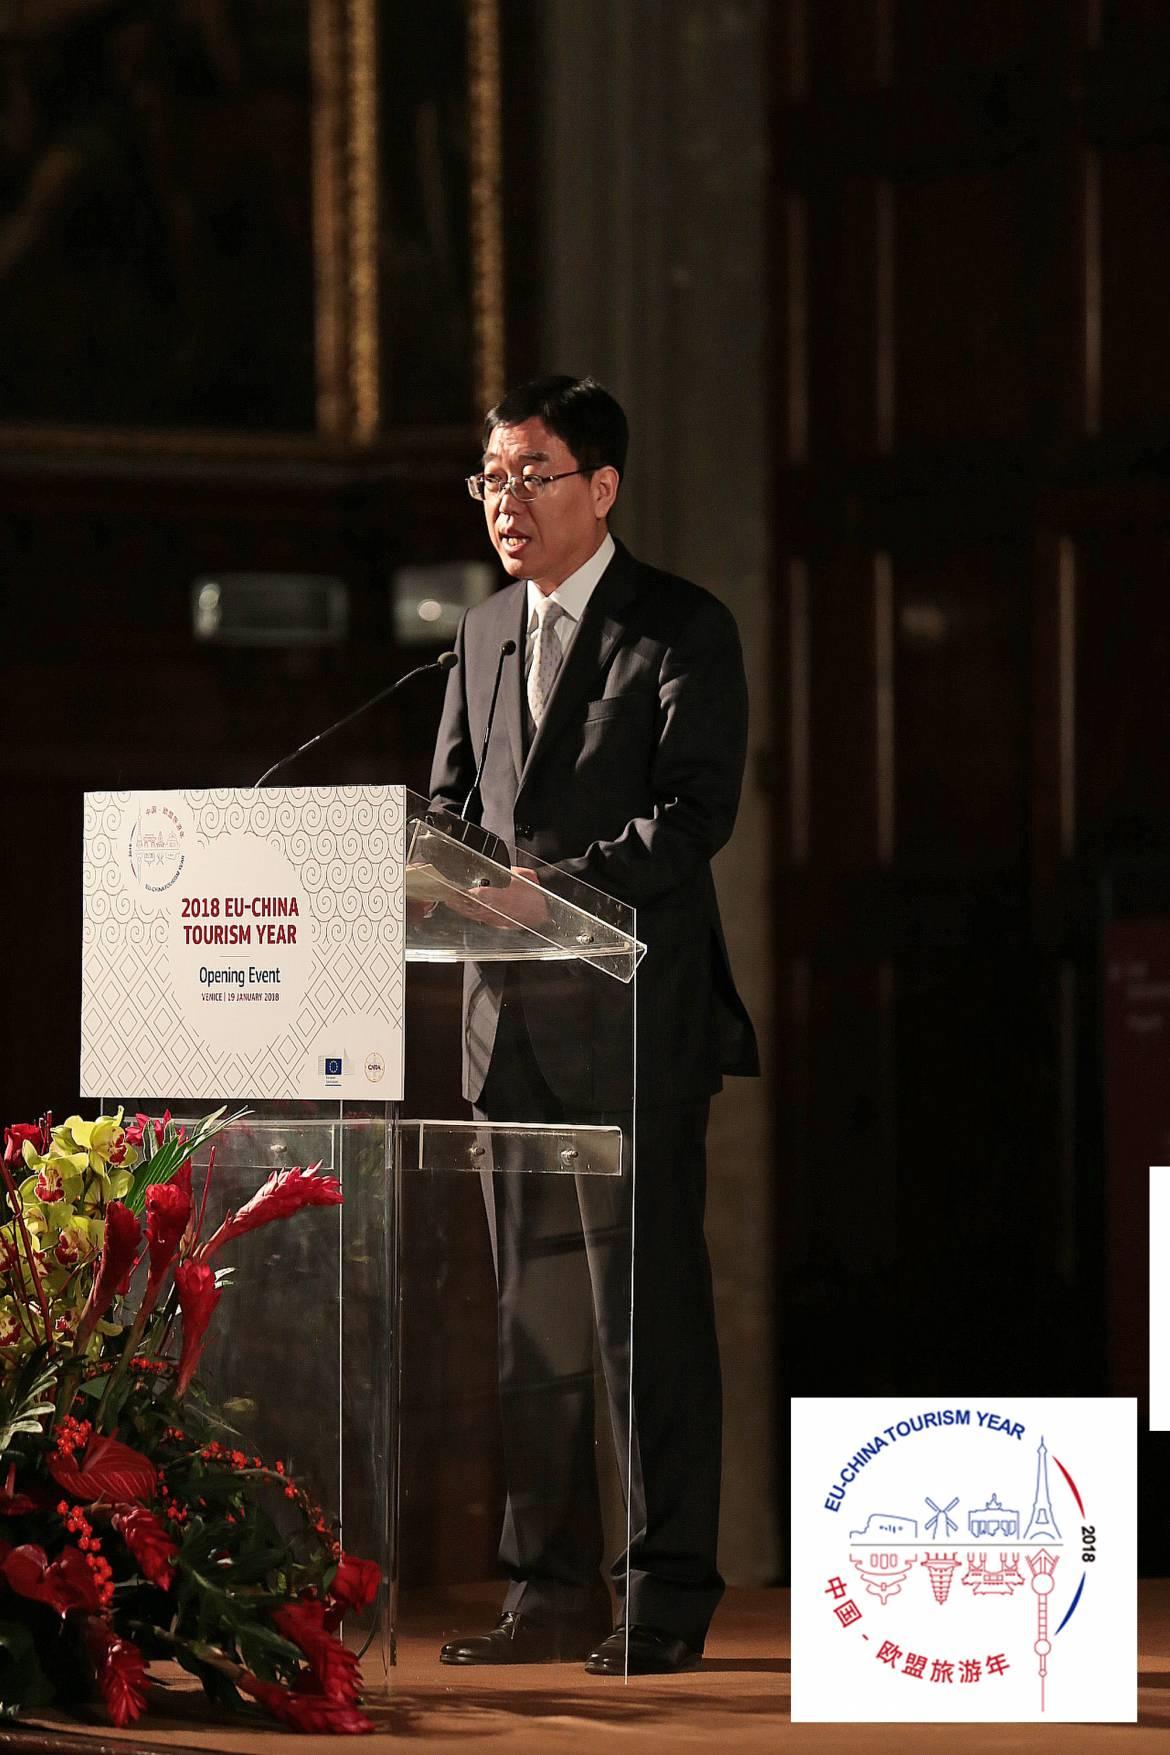 launch-of-the-2018-eu-china-tourism-year_40219891322_o-1.jpg